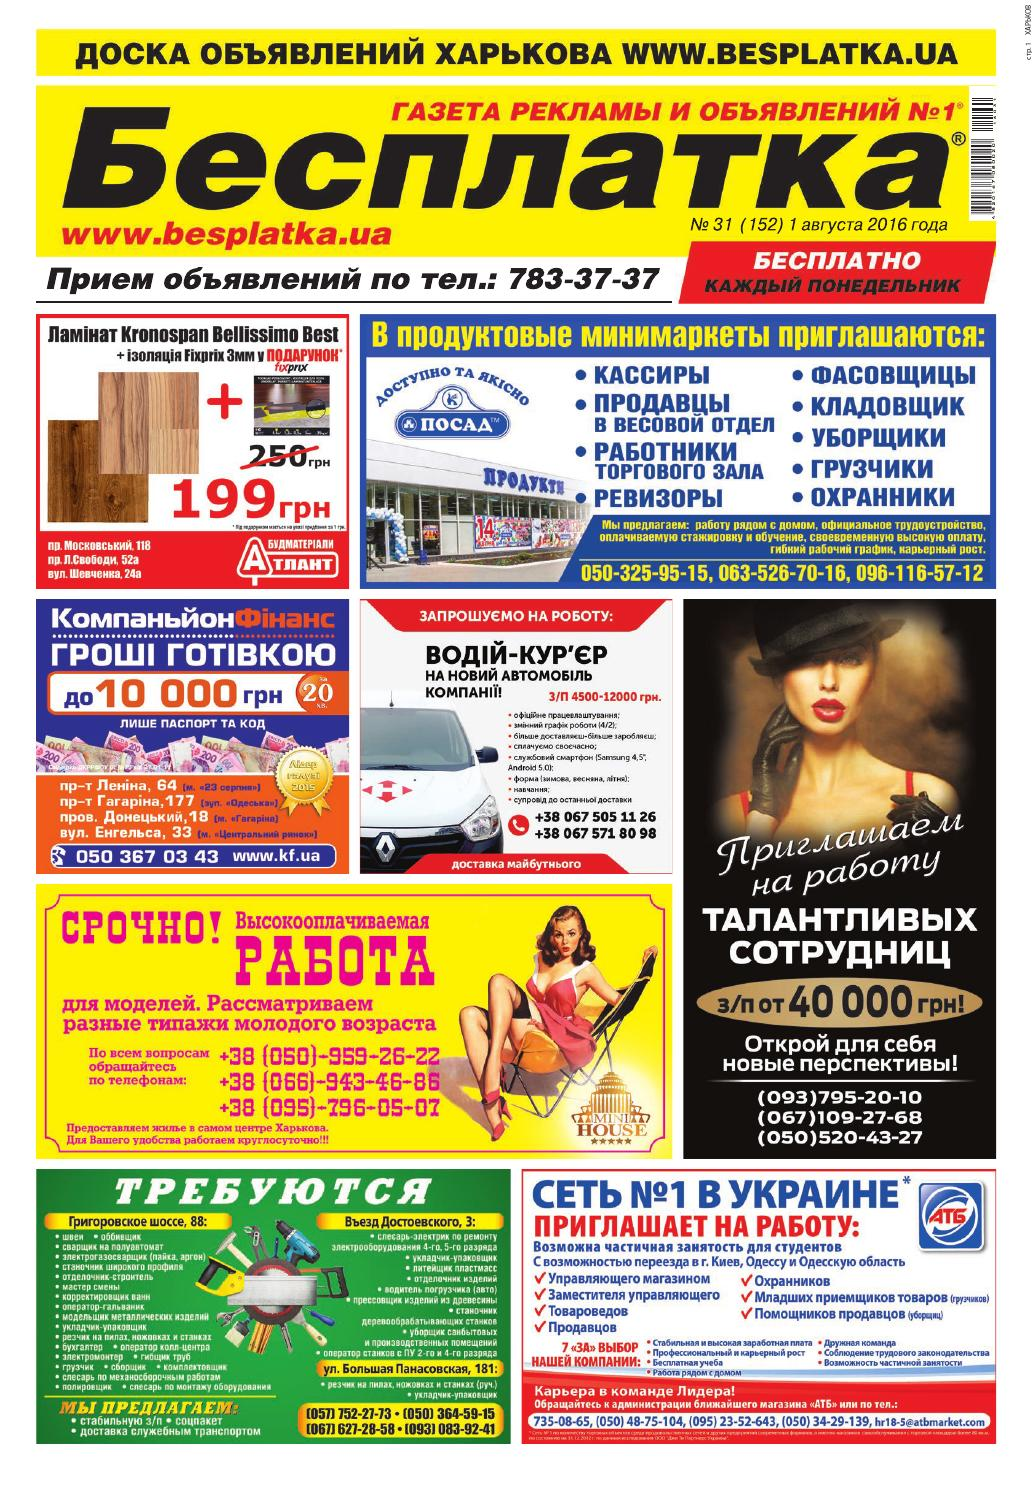 Besplatka 031 kha by besplatka ukraine - issuu f30da0f8f88